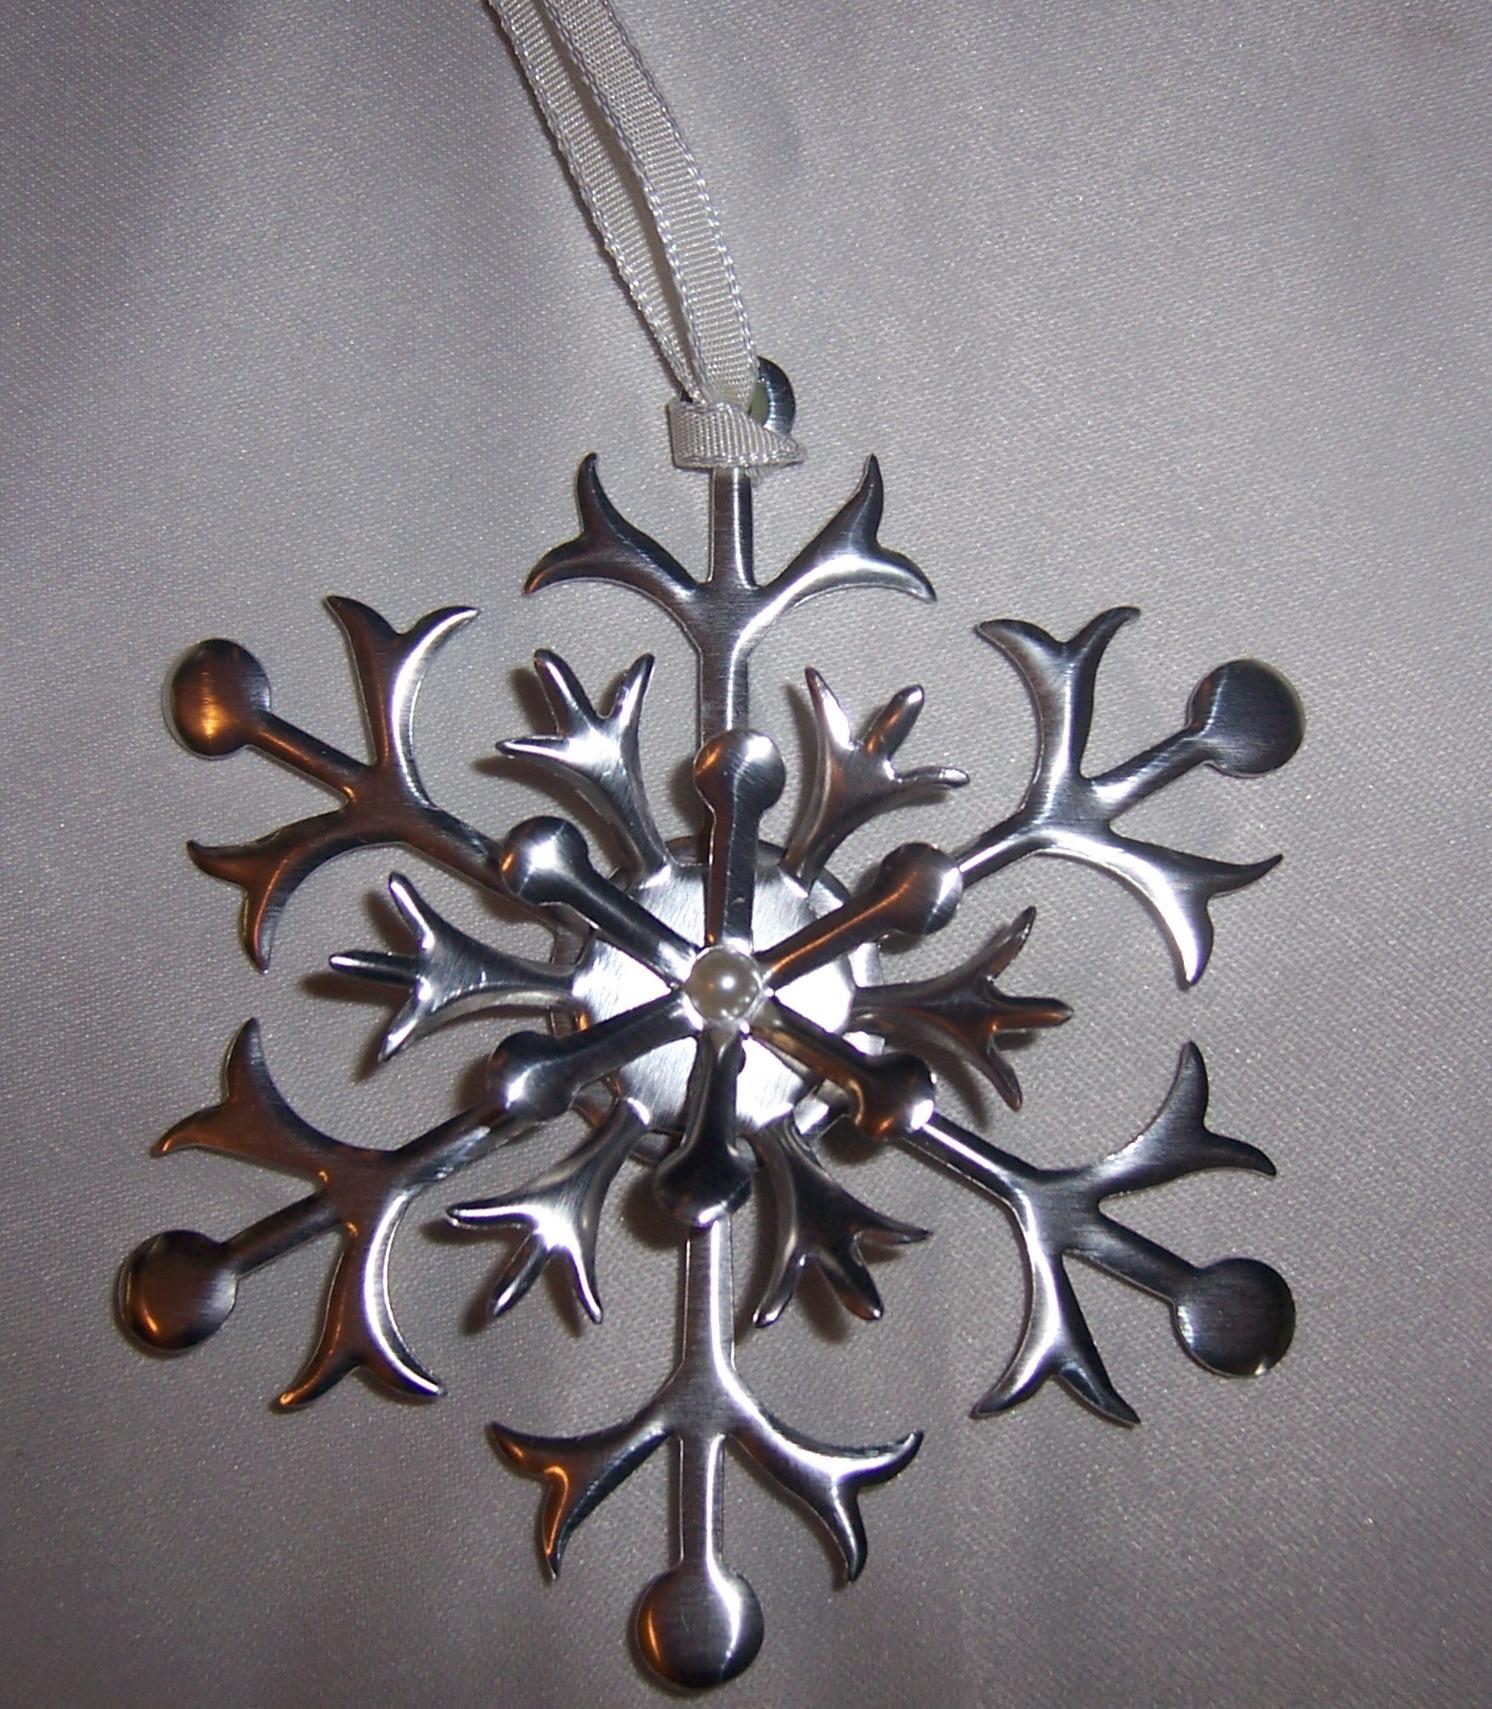 Ornament bev adams independent stampin up demonstrator